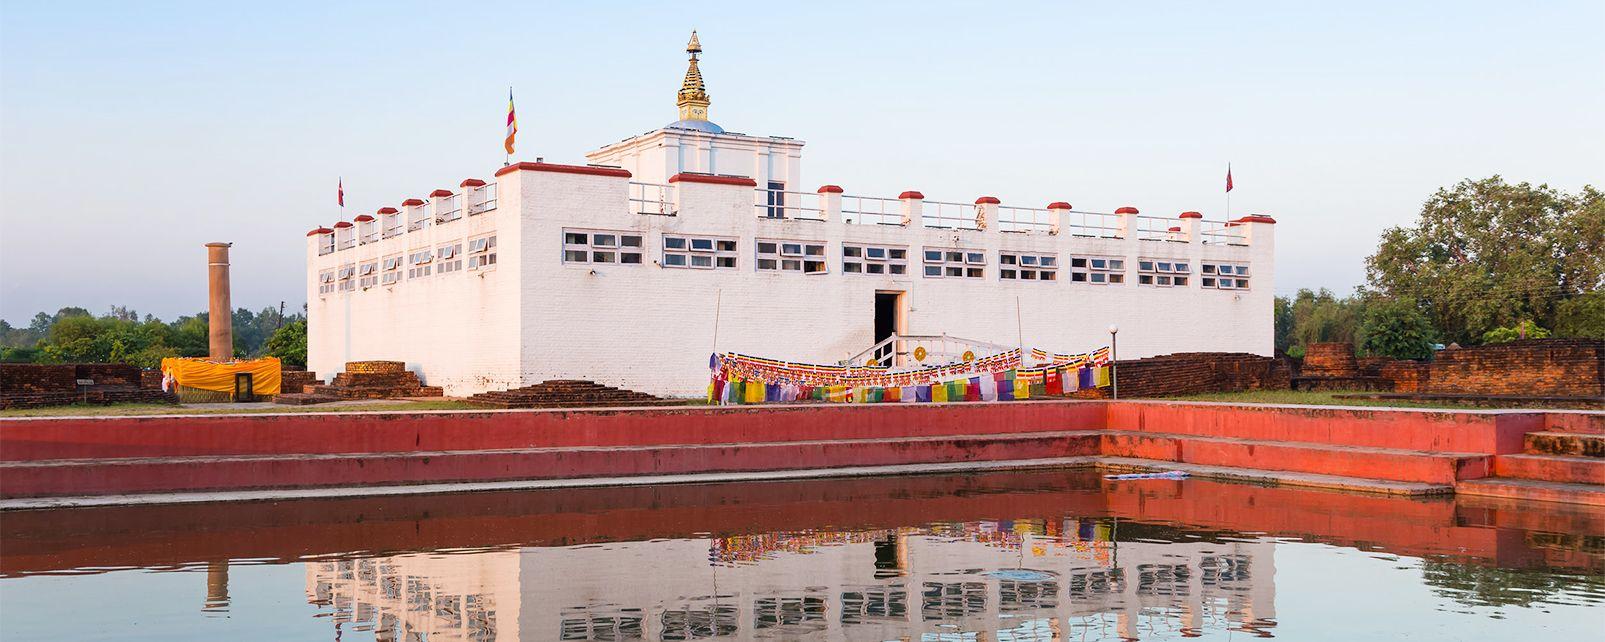 Les arts et la culture, Népal Lumbini Rummindei site sacré bouddha bouddhisme Rupandehi